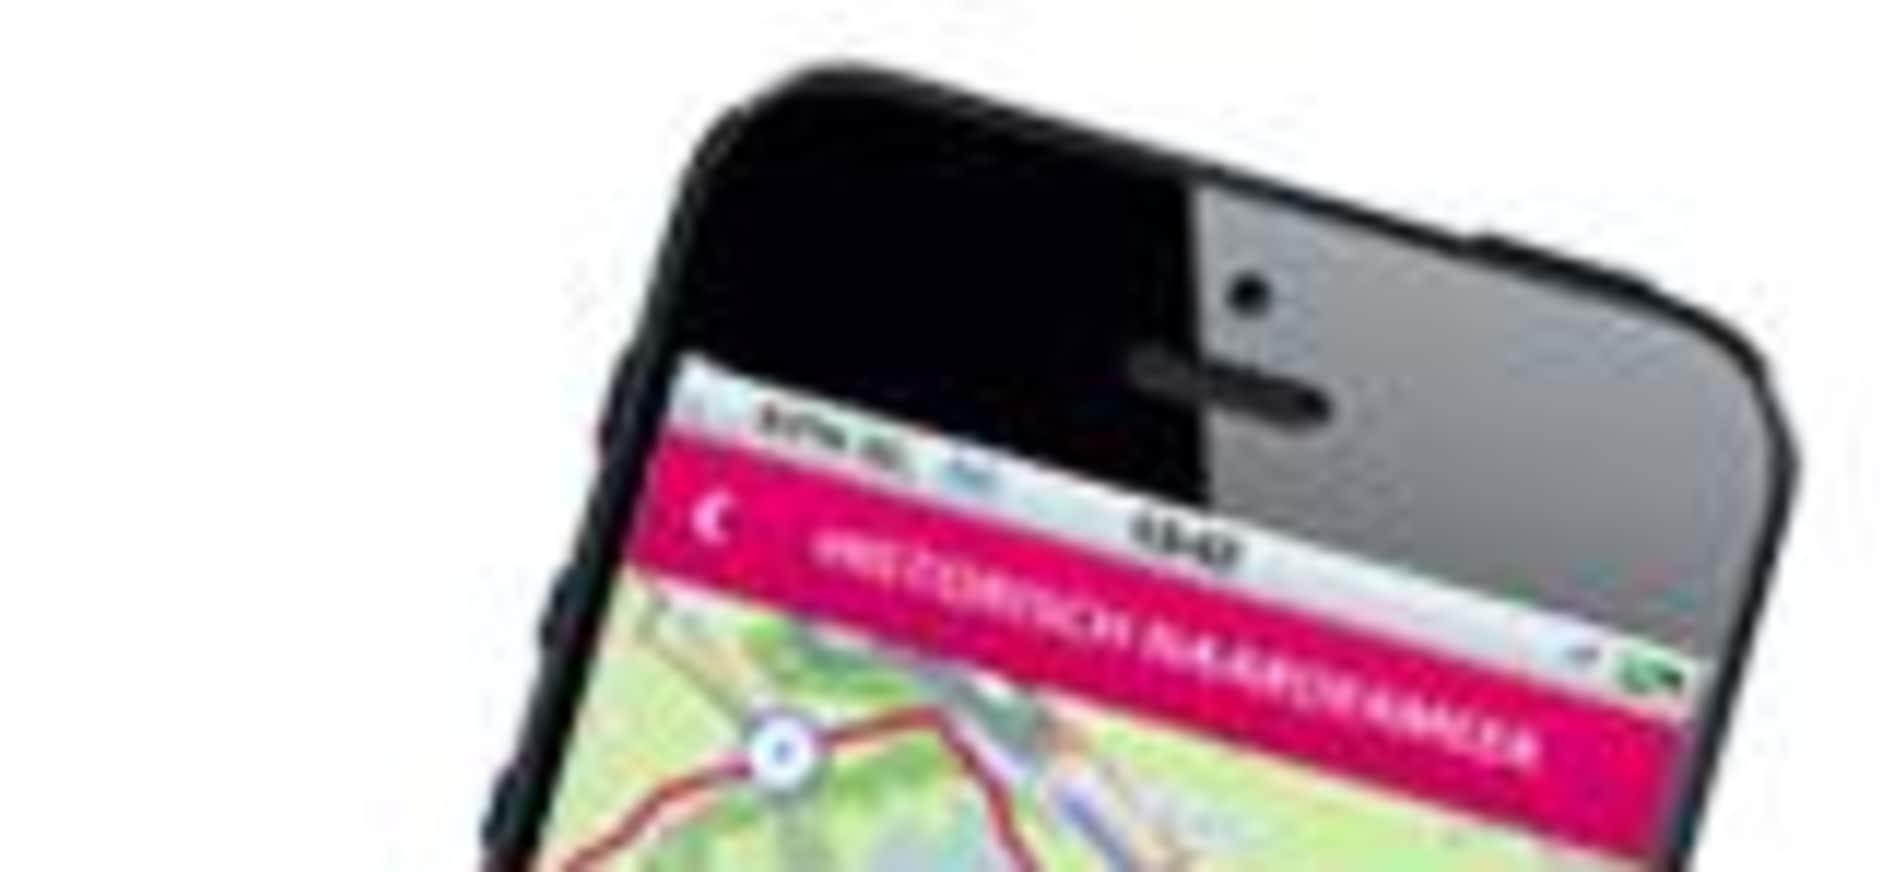 Natuur Route app ruim 300.000 keer gedownload